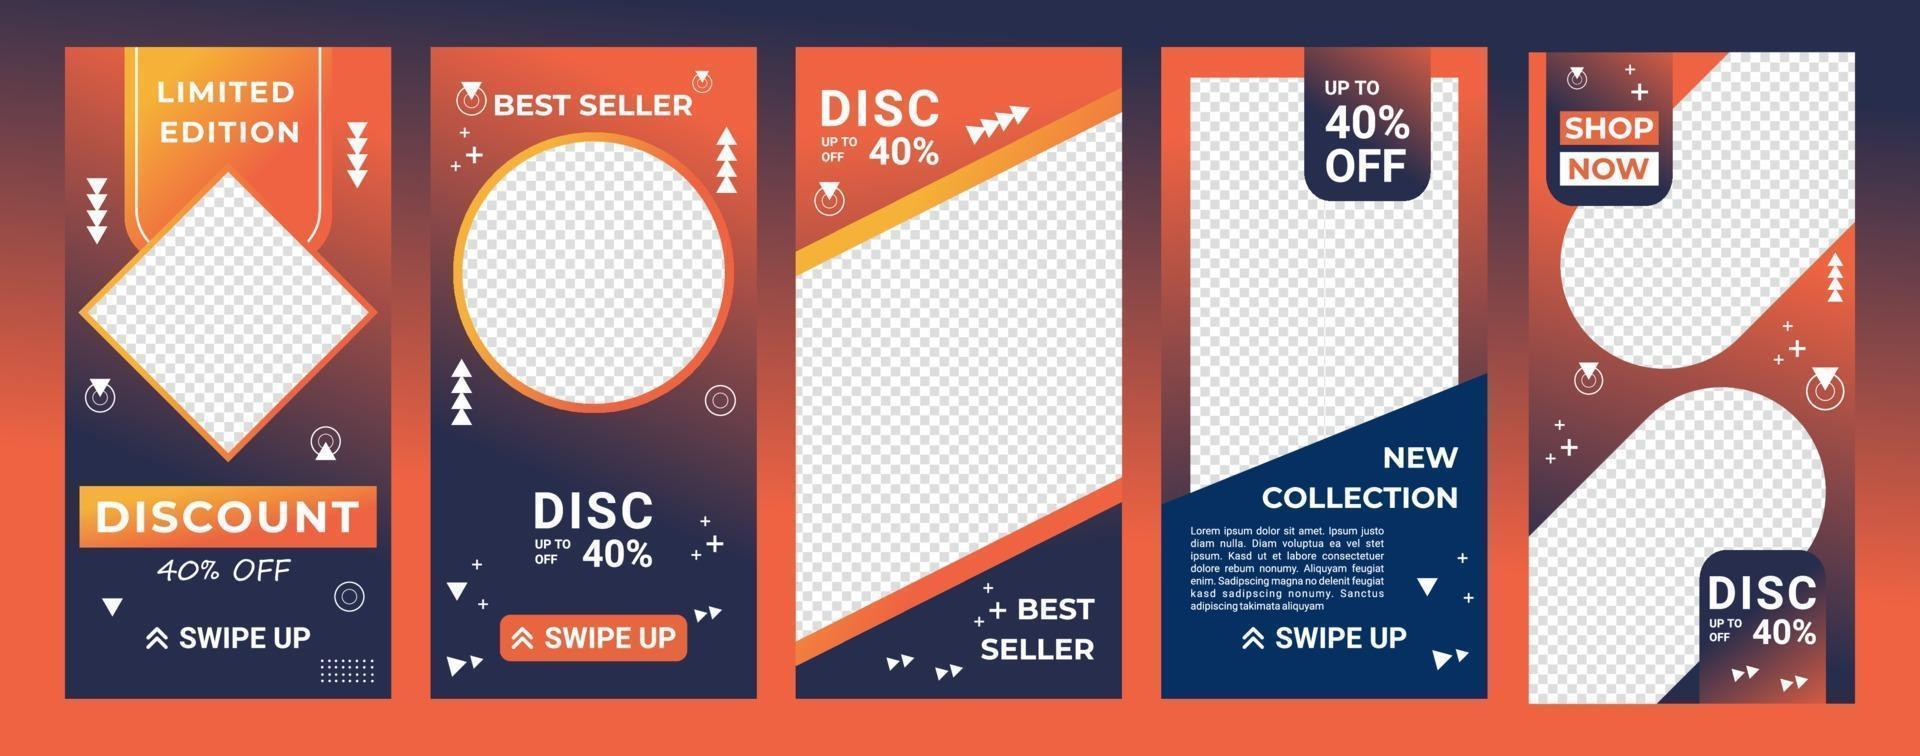 fondos de diseño para redes sociales en color degradado naranja y azul marino. plantilla editable para historias, plantilla de ig y anuncios de banner web. diseño abstracto para su producto de venta. ilustración vectorial vector